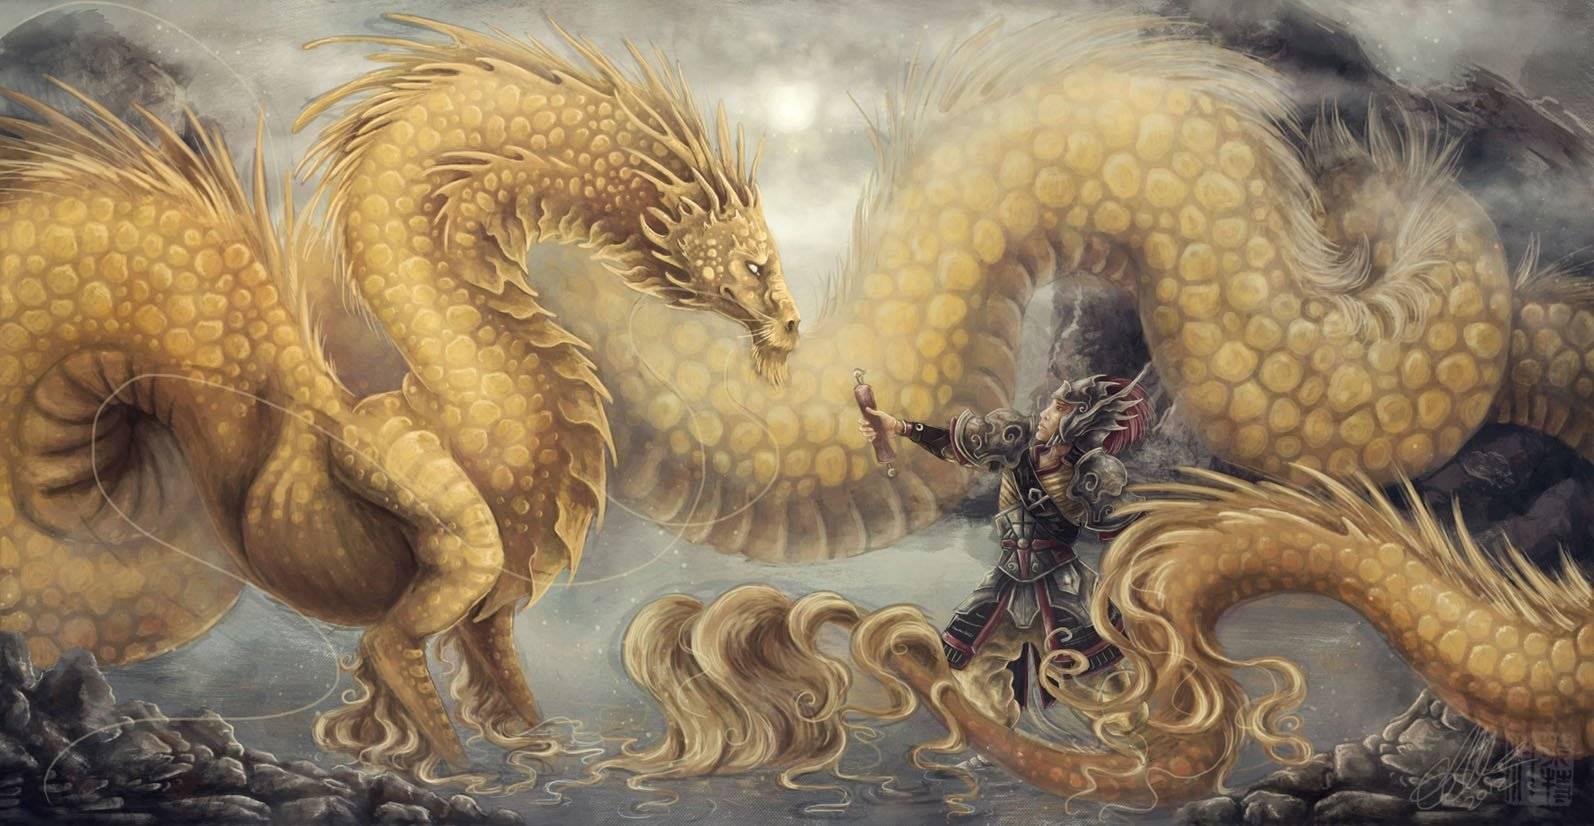 Значение драконов в китайской мифологии, внешний вид и традиции с ними связанные (3 фото + видео)